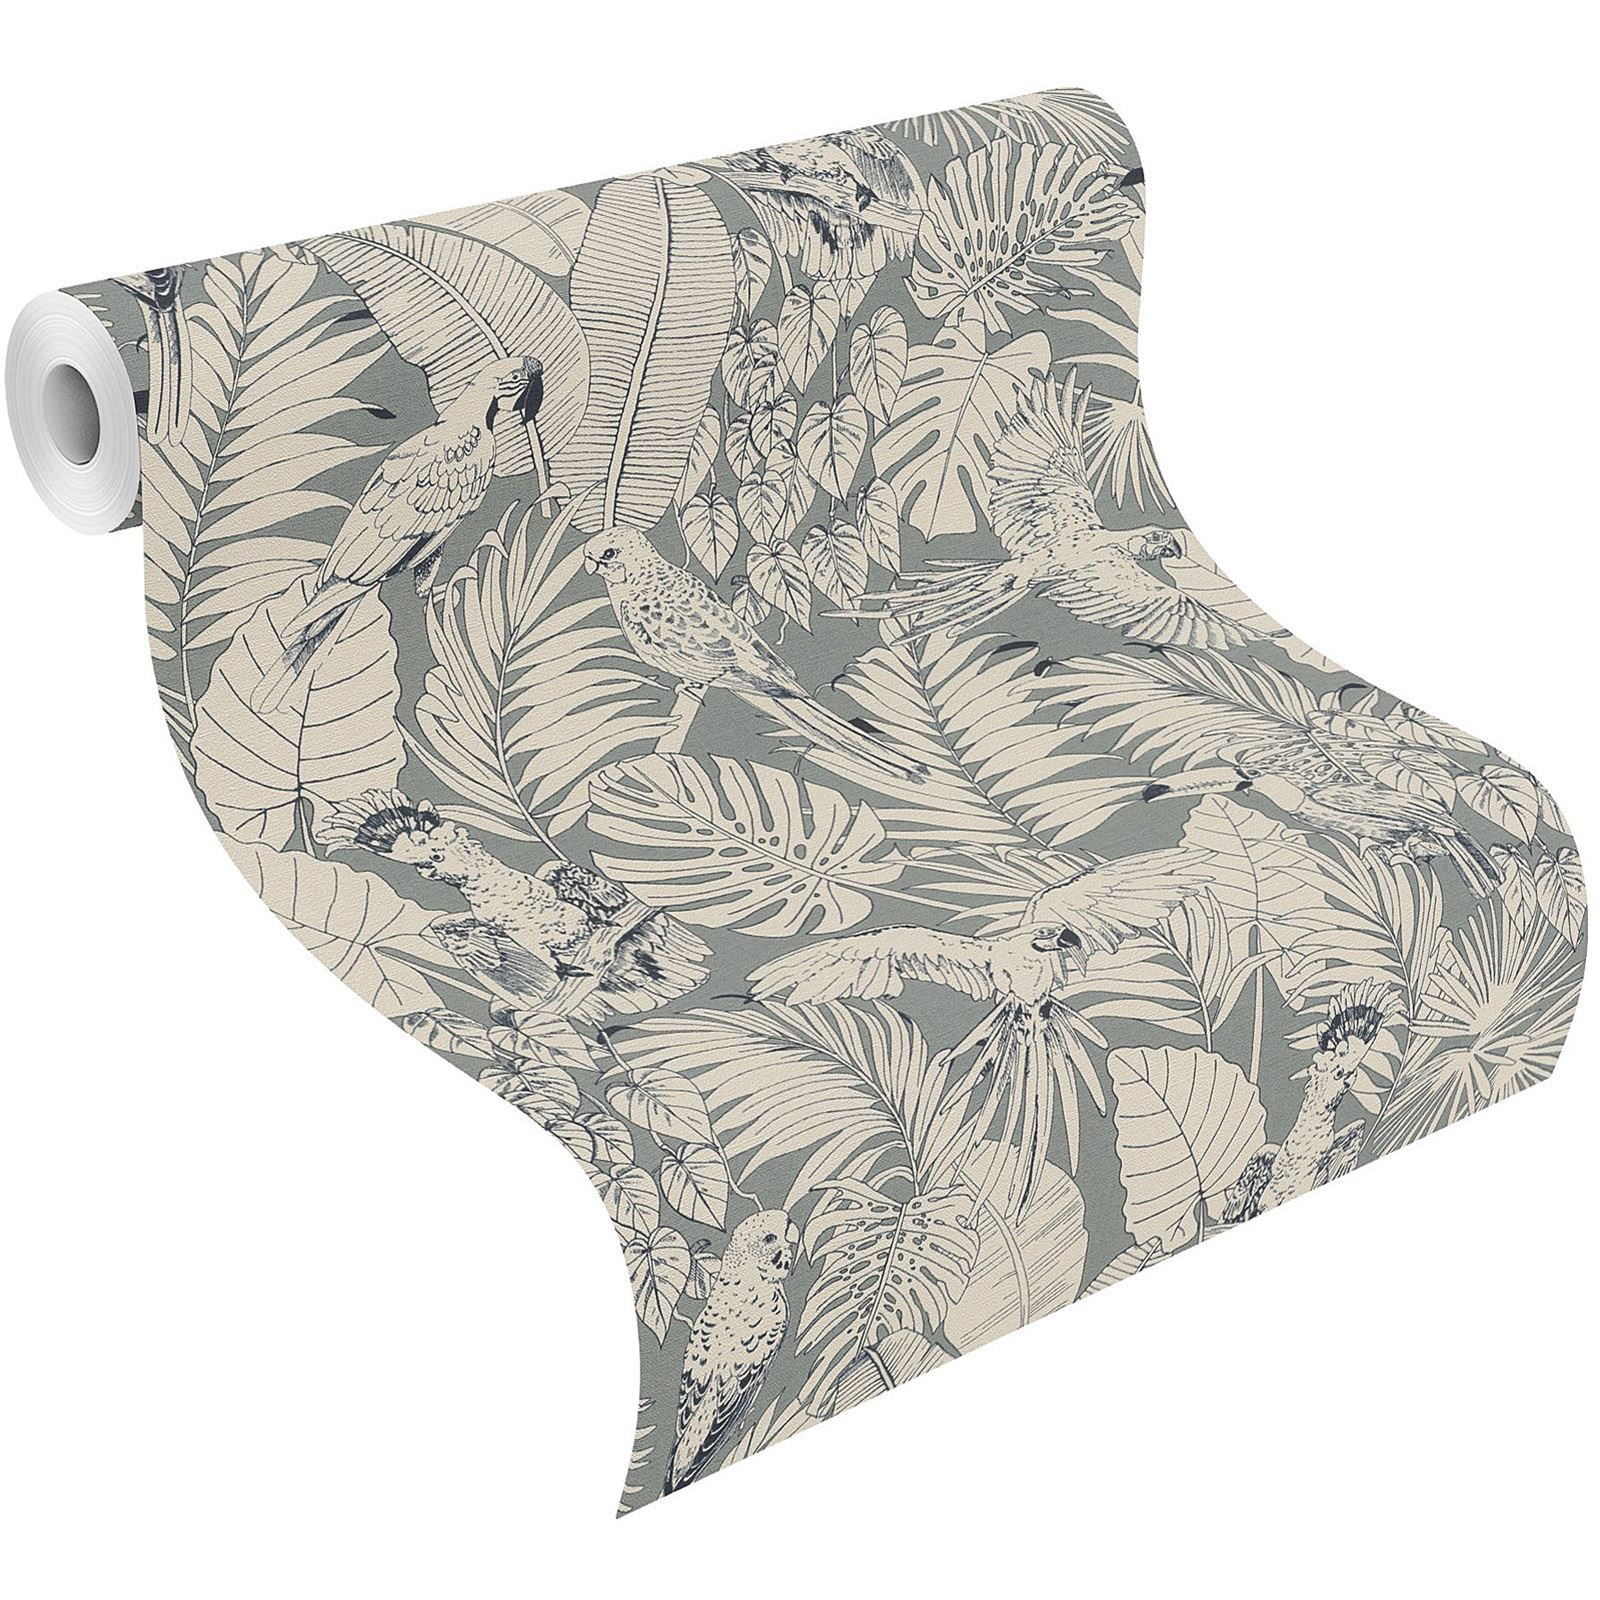 Rasch Madagascar Tropical Perroquet Oiseau Palm Leaf papier peint texture non tissé gris